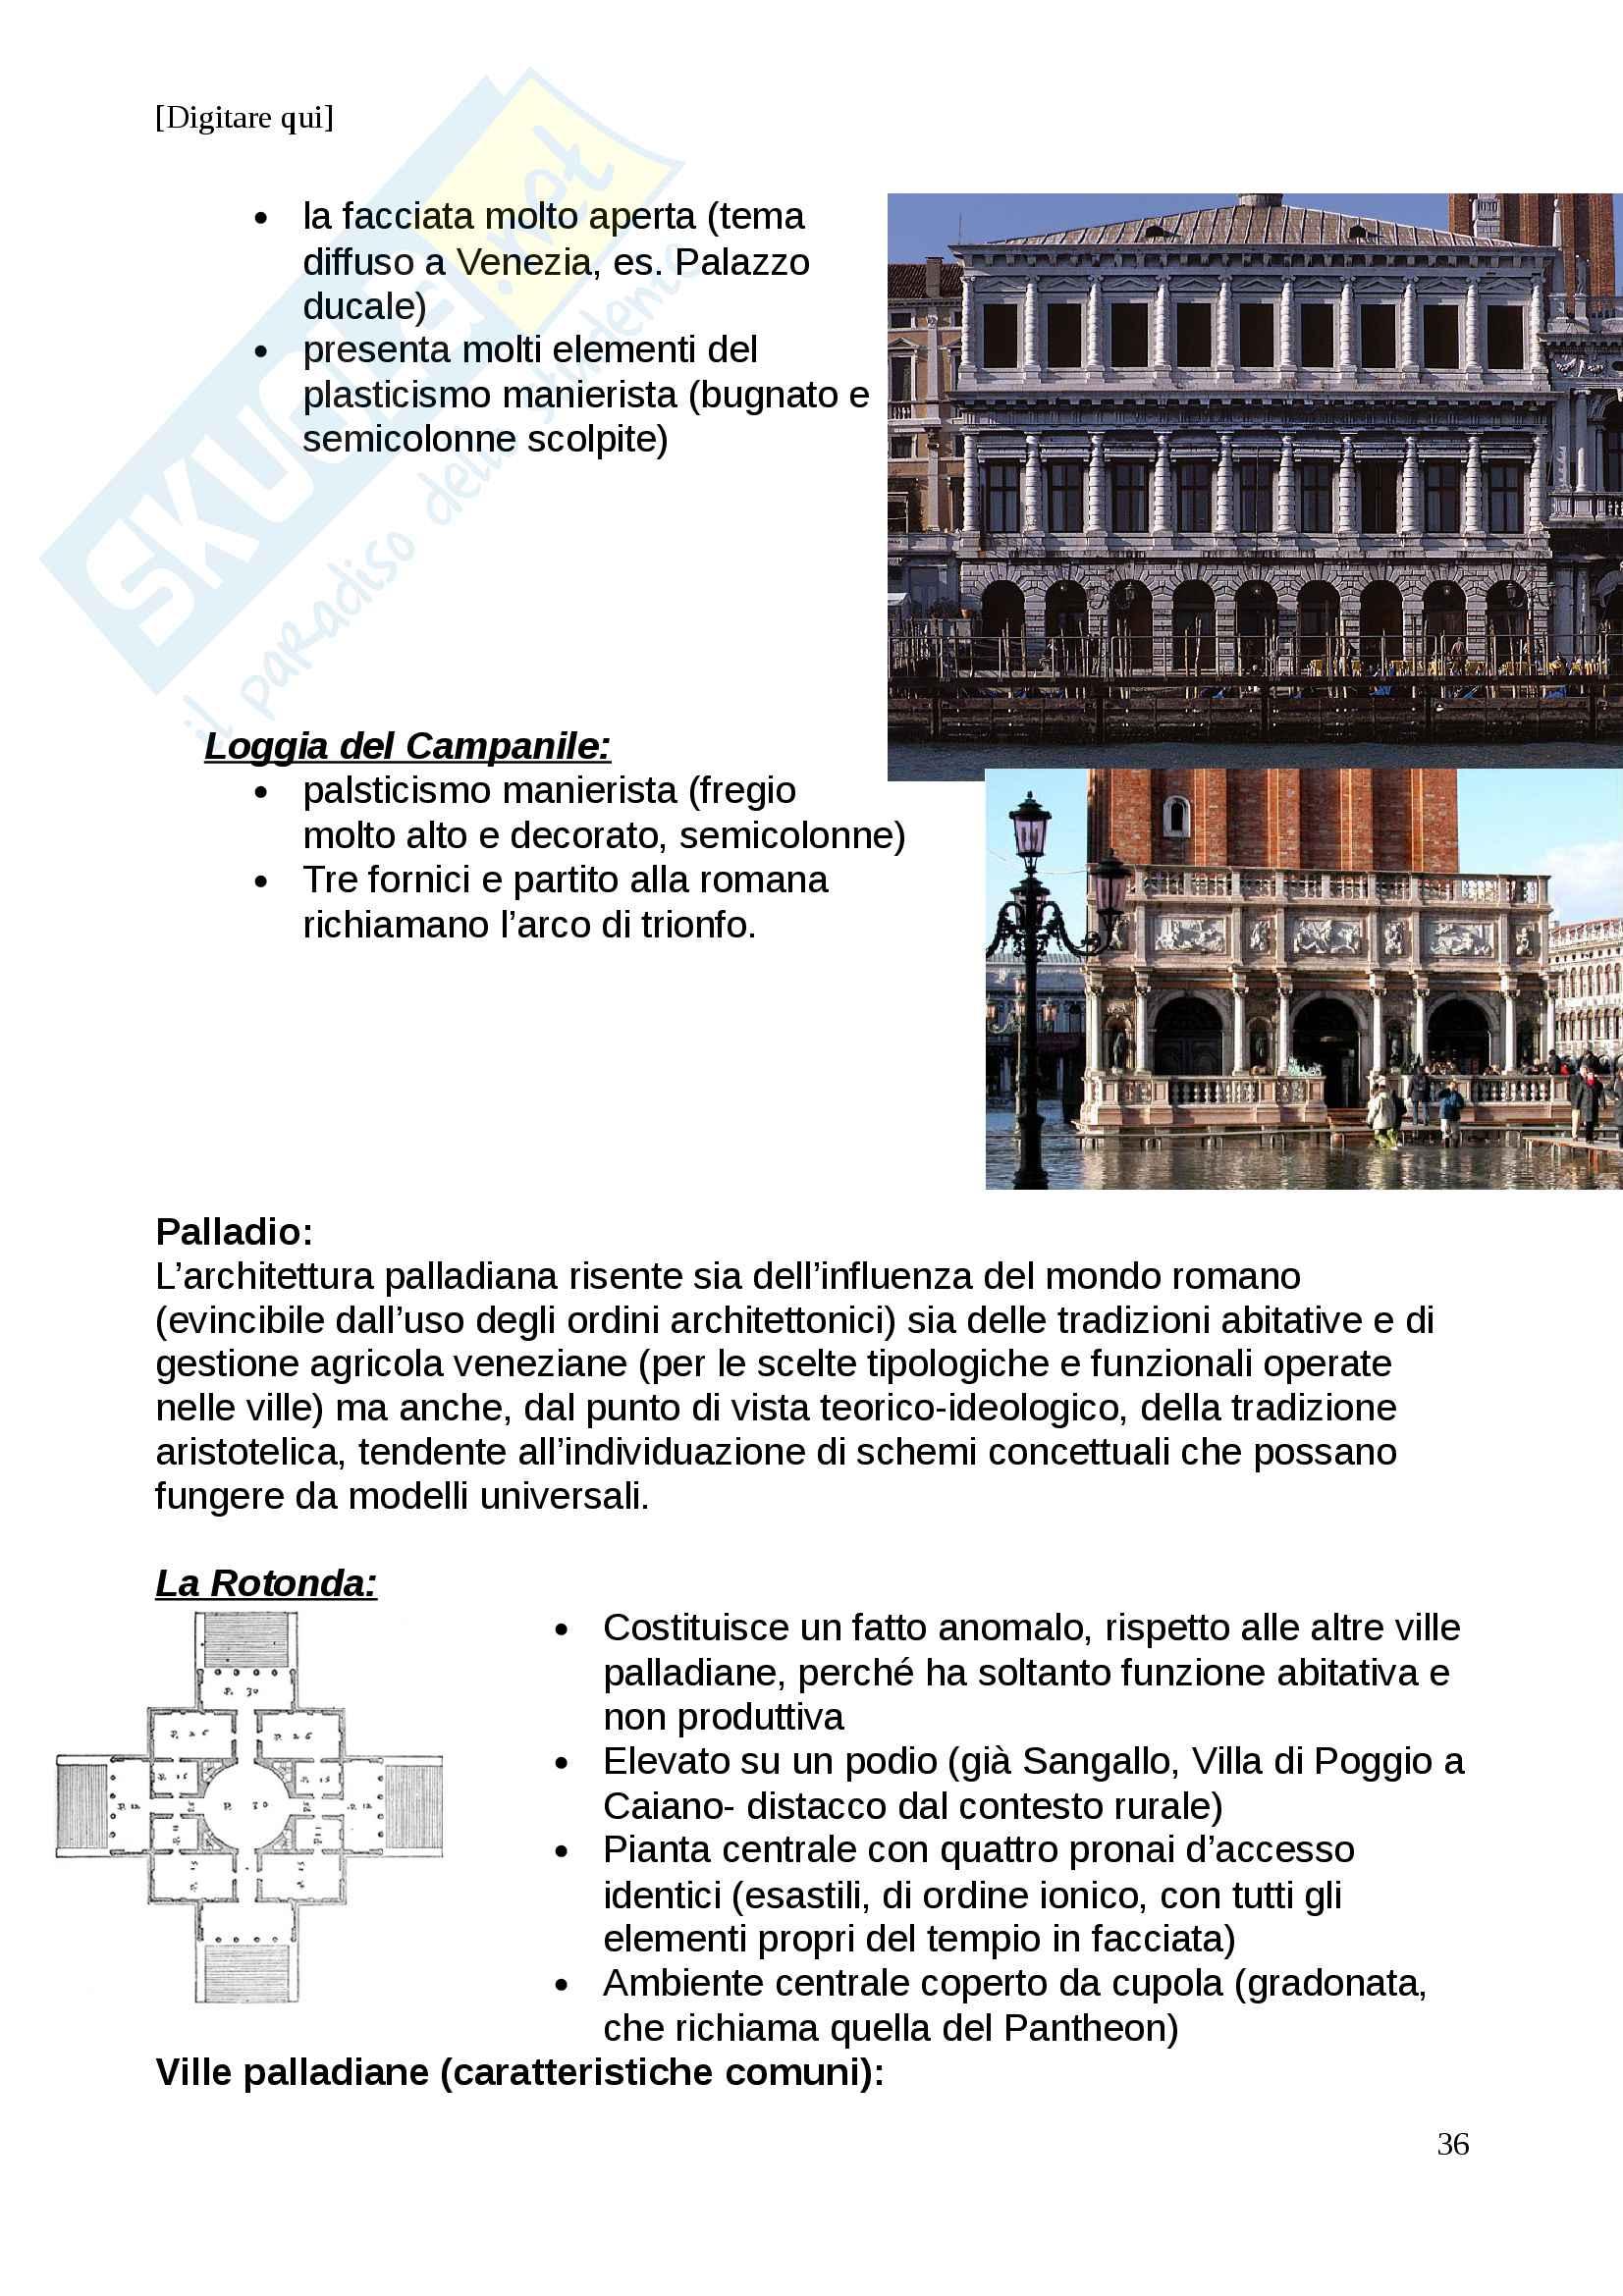 Storia dell'architettura dal 400 al 700 Pag. 36